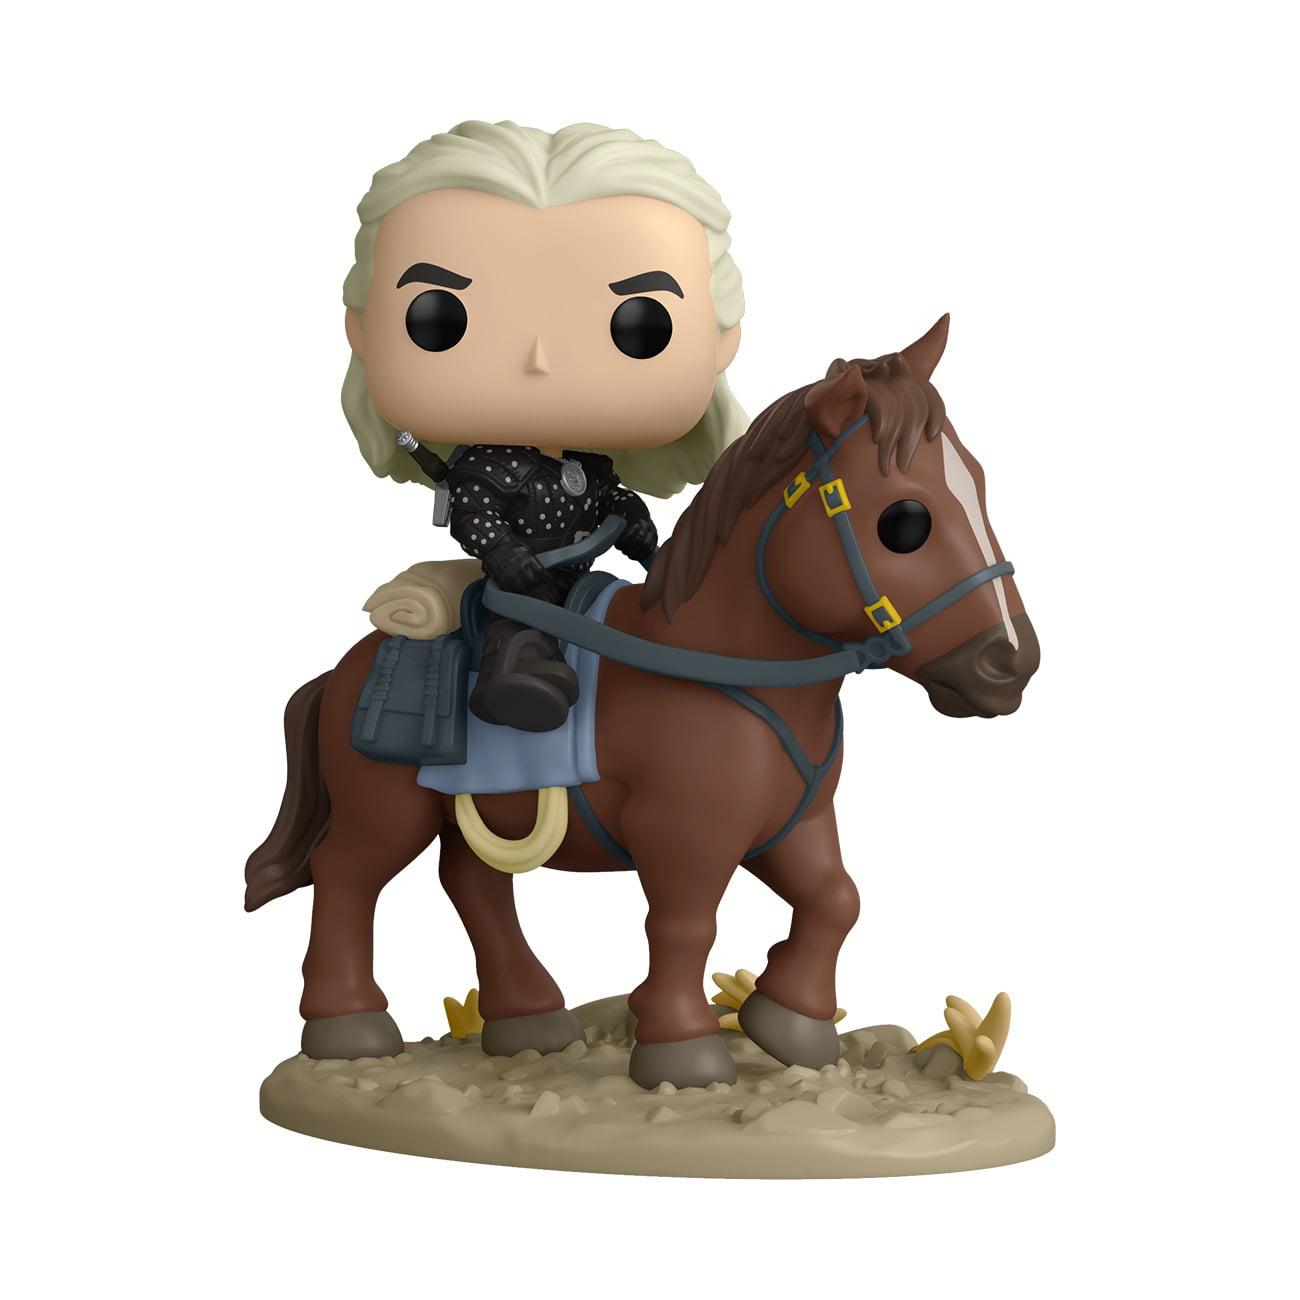 Funko Pop! Ride Deluxe: Witcher - Geralt And Roach Vinyl Figure